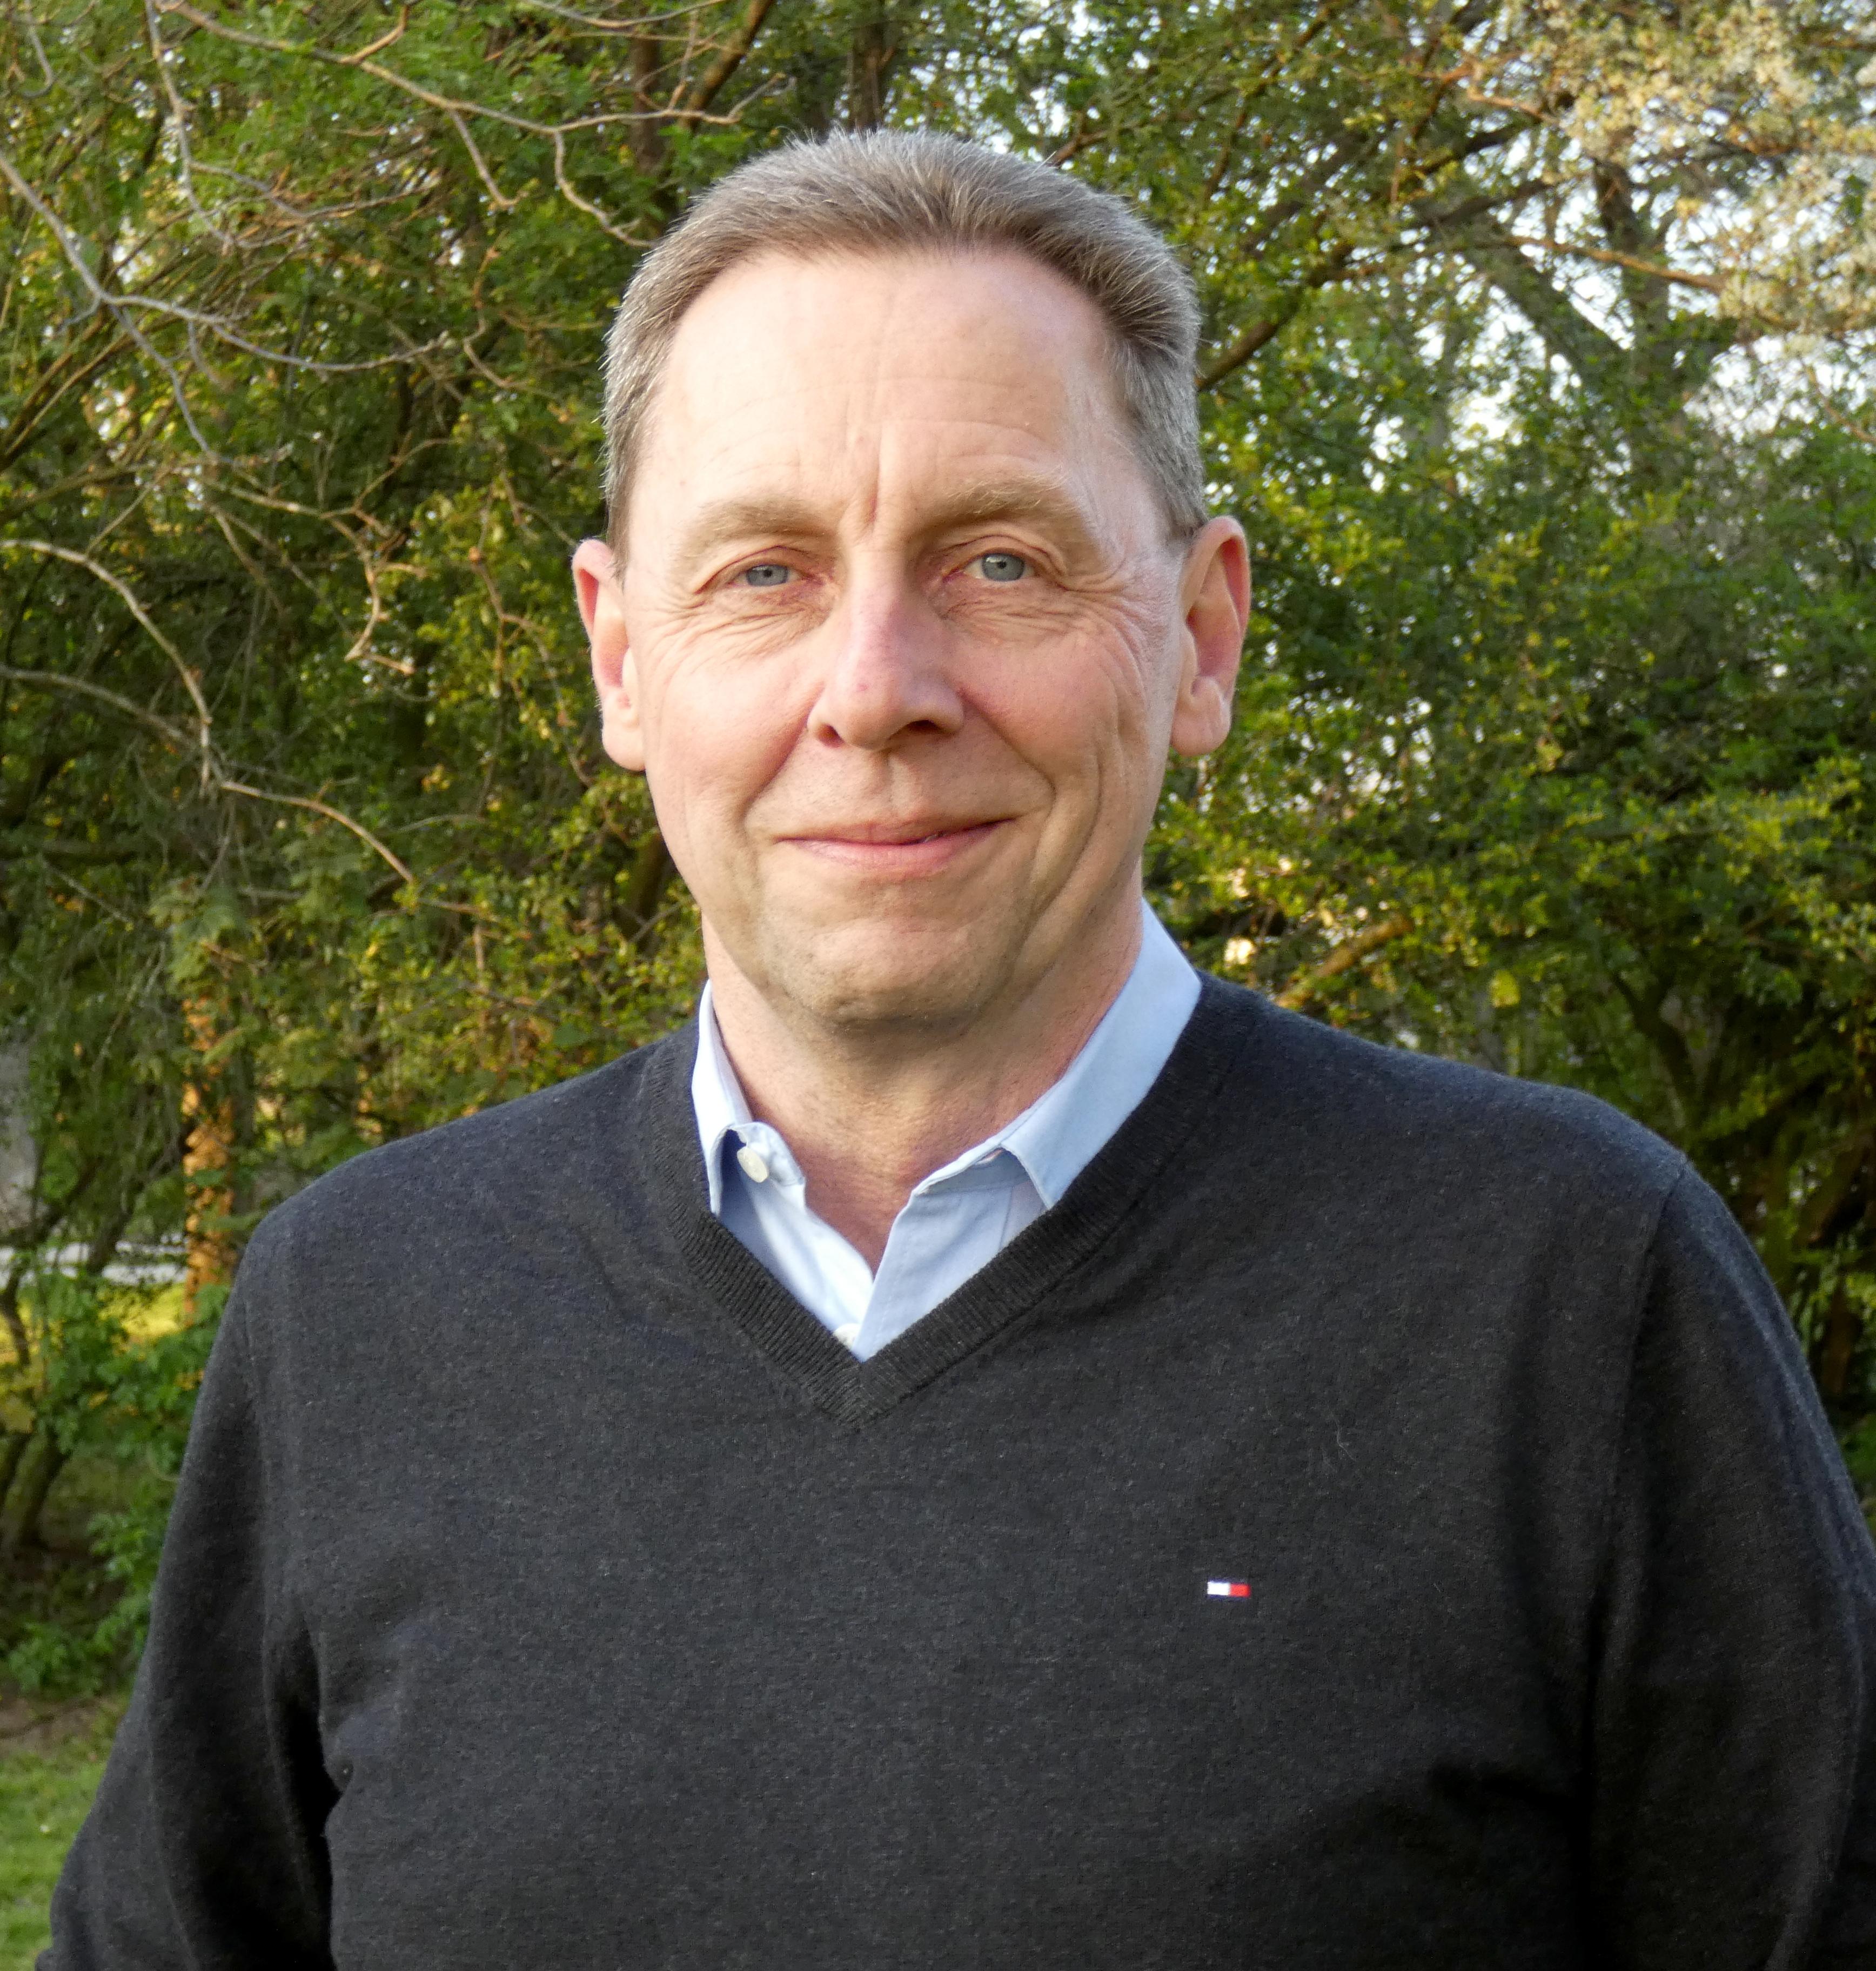 Uwe Schreiber